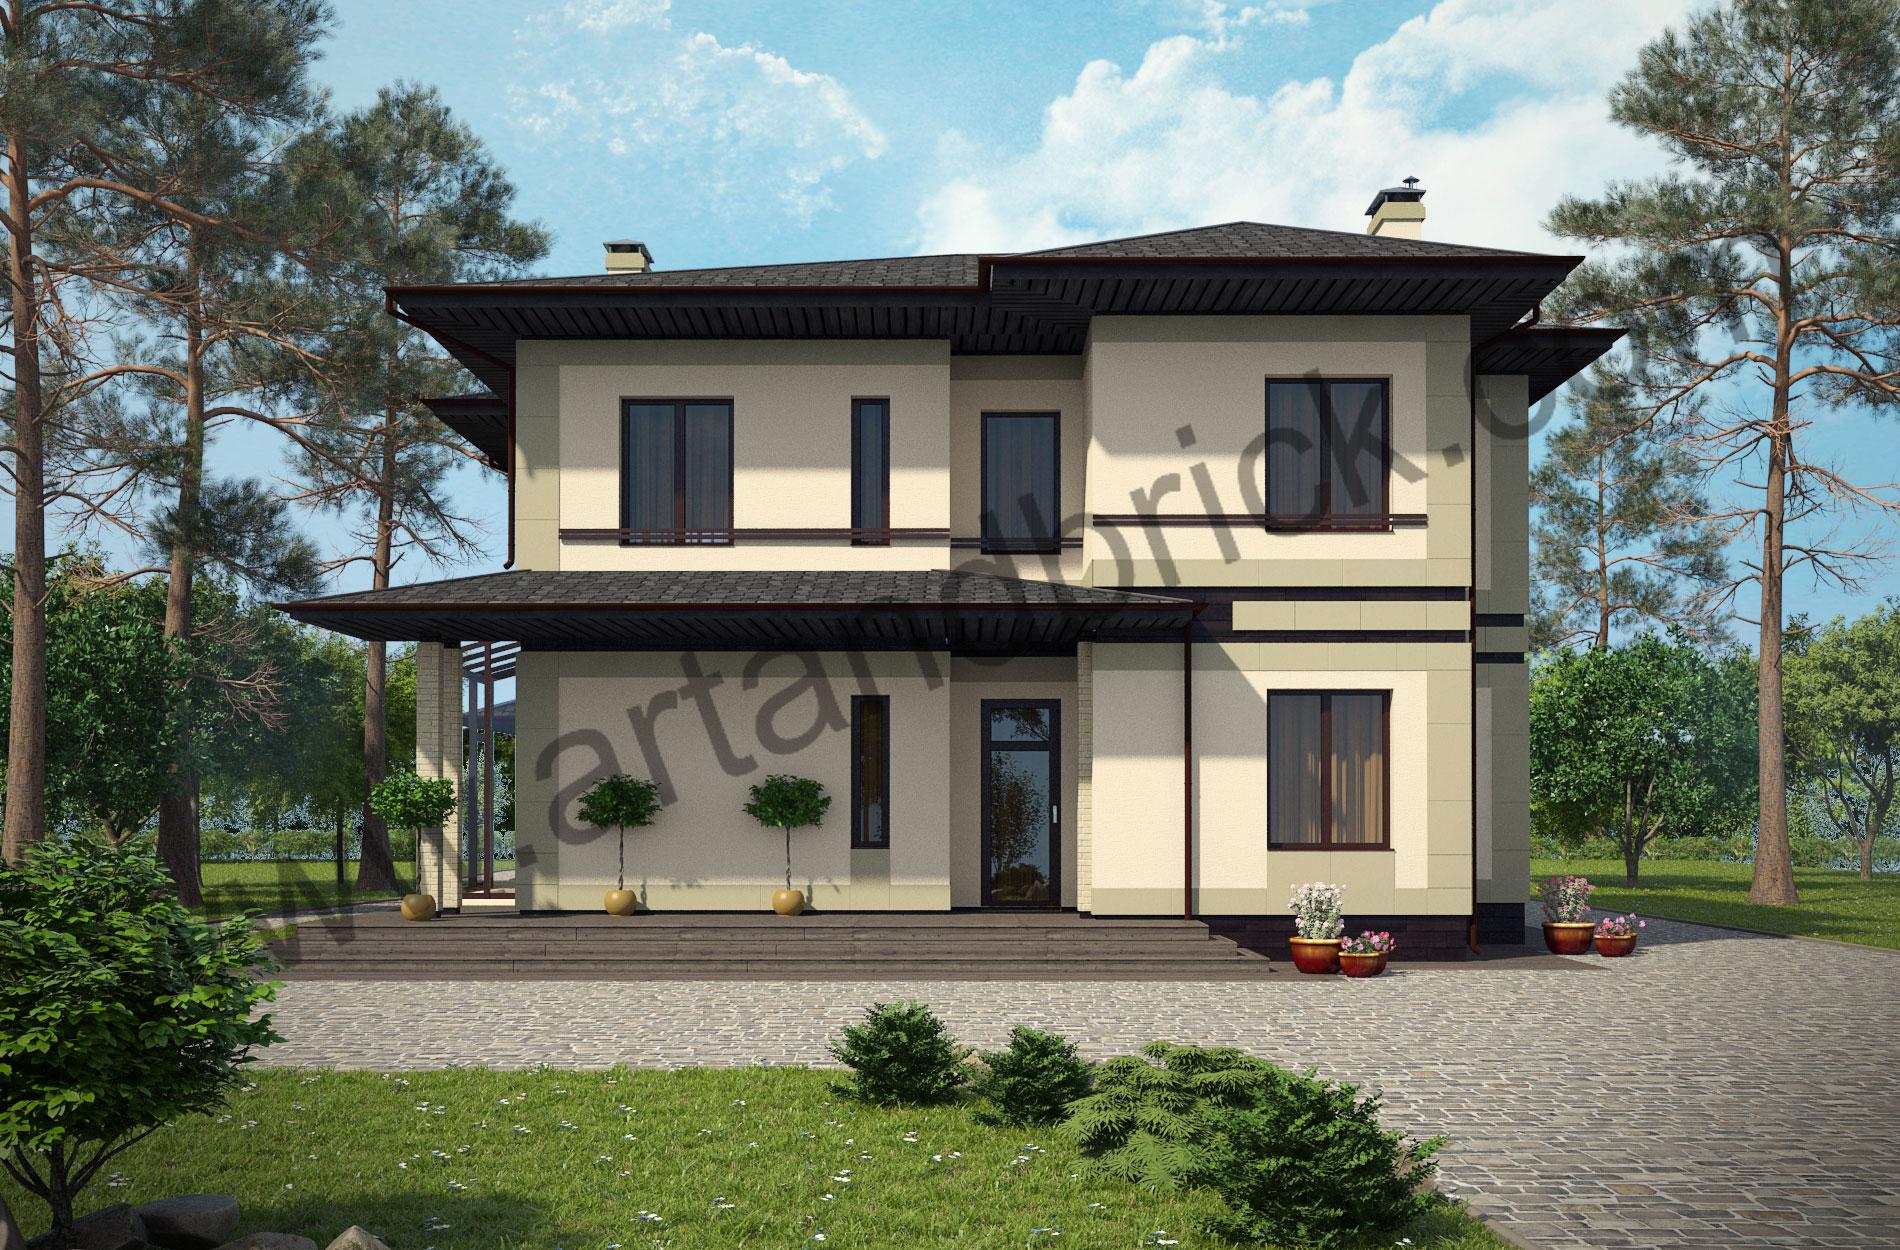 Проект дома c баней в современном стиле – главный фасад дома. Площадь современного коттеджа – 253 кв.м., площадь бани – 85 кв.м.